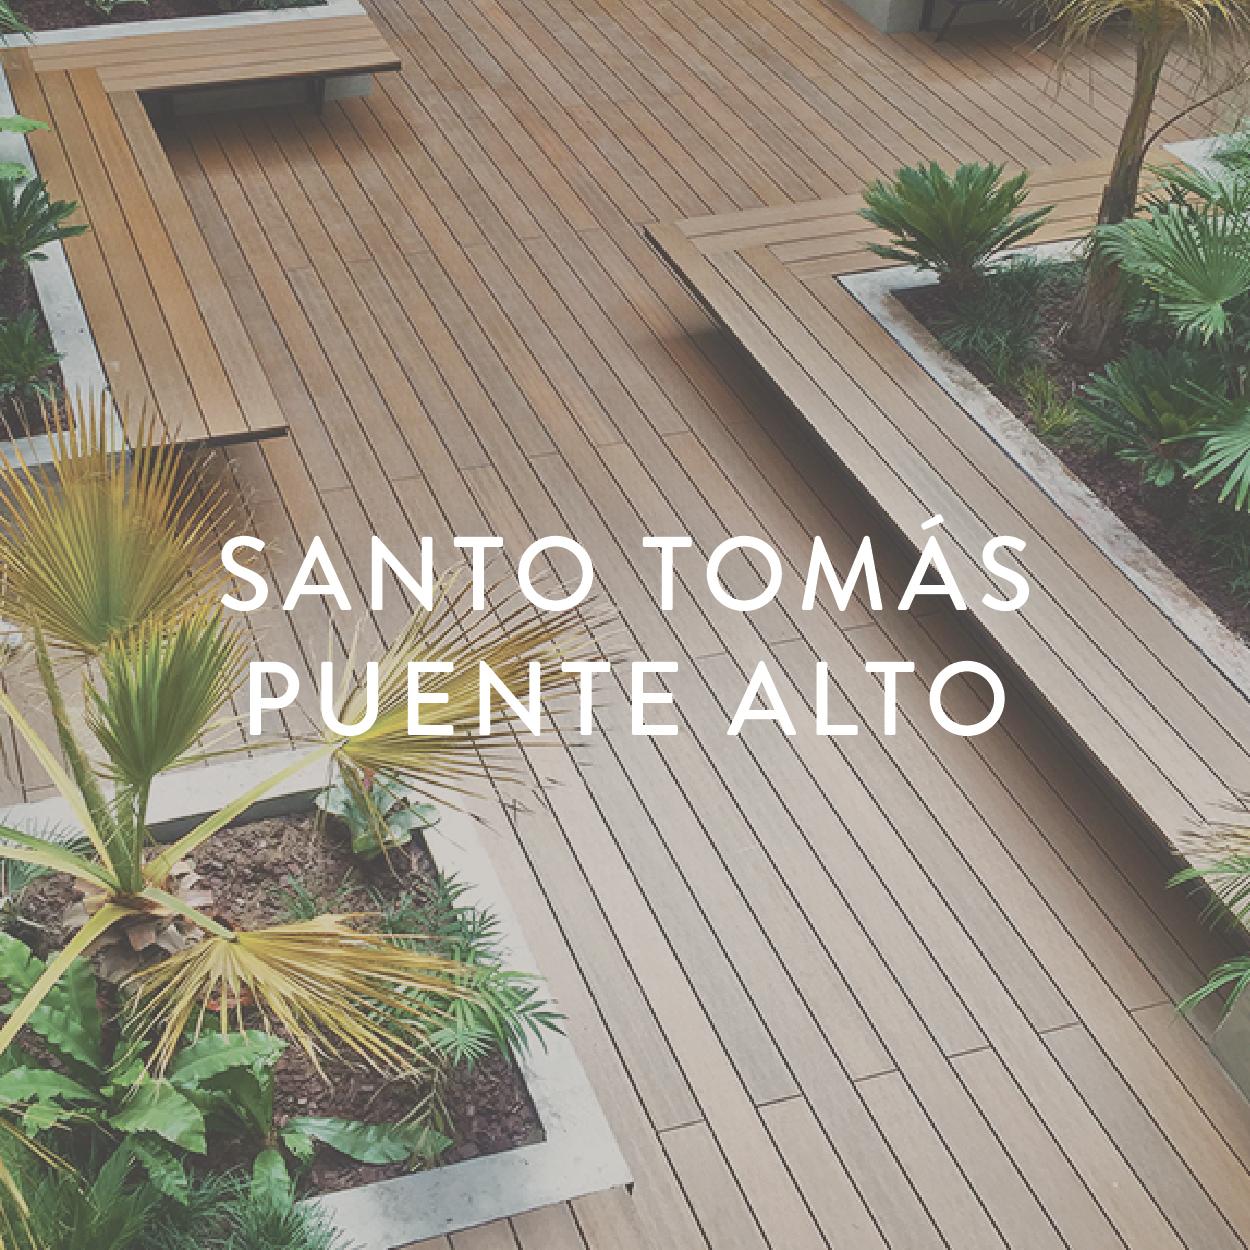 Imagenes Portada Proyectos-07.jpg